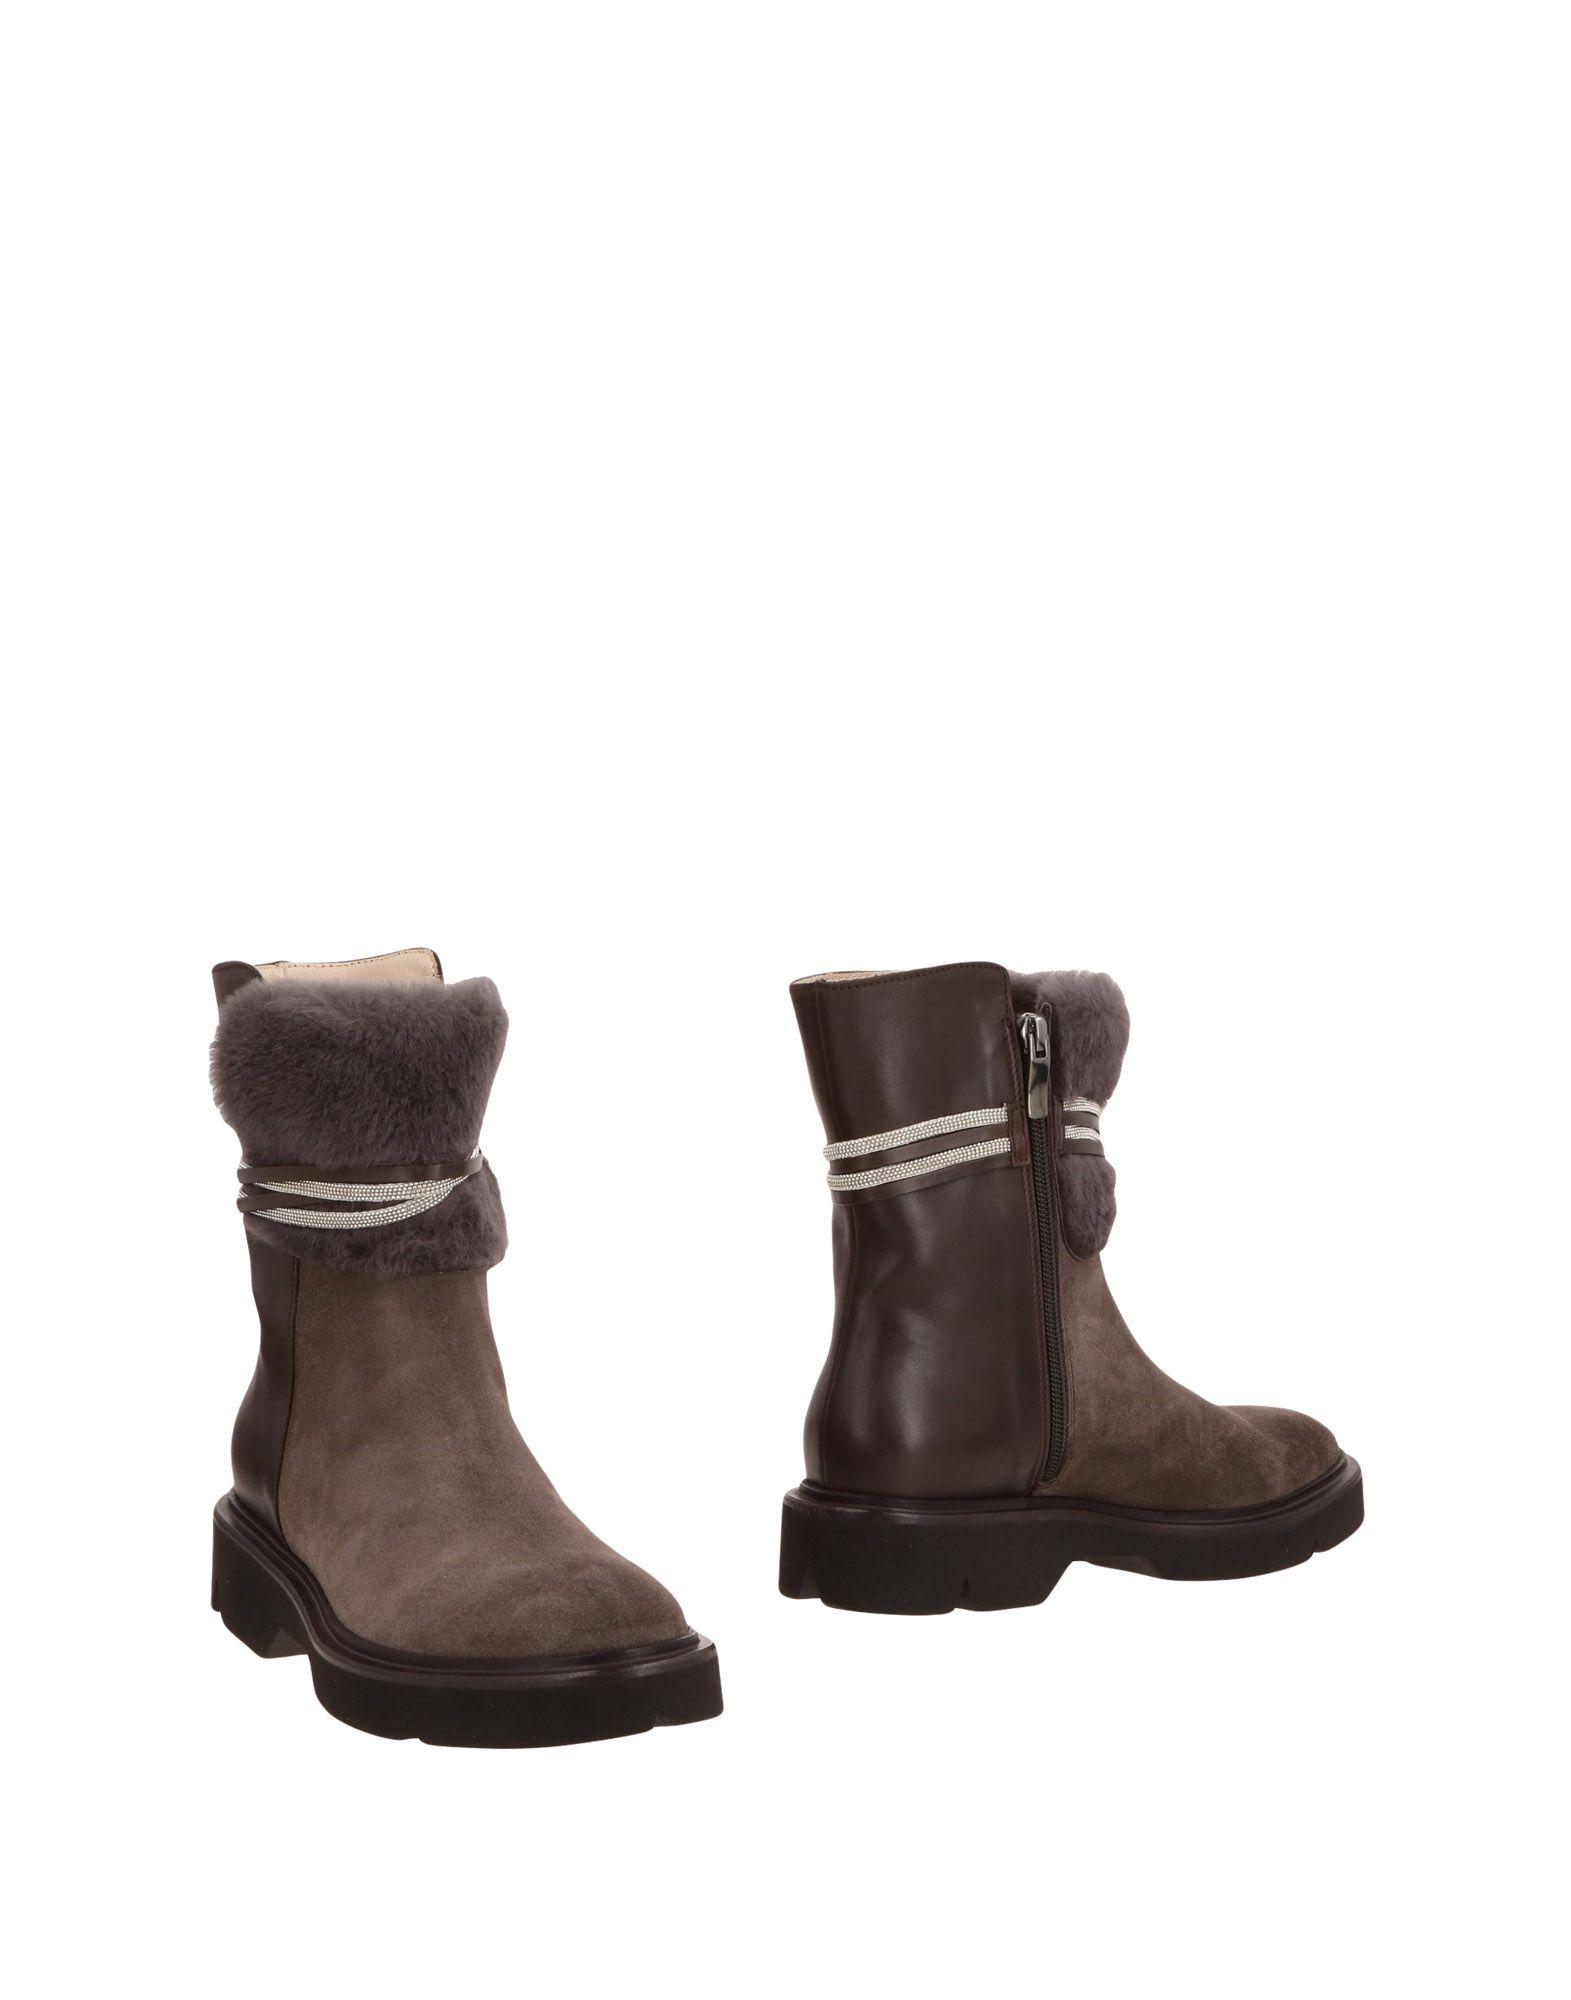 Fabiana Filippi Stiefelette Damen  11460941VMGünstige gut aussehende Schuhe